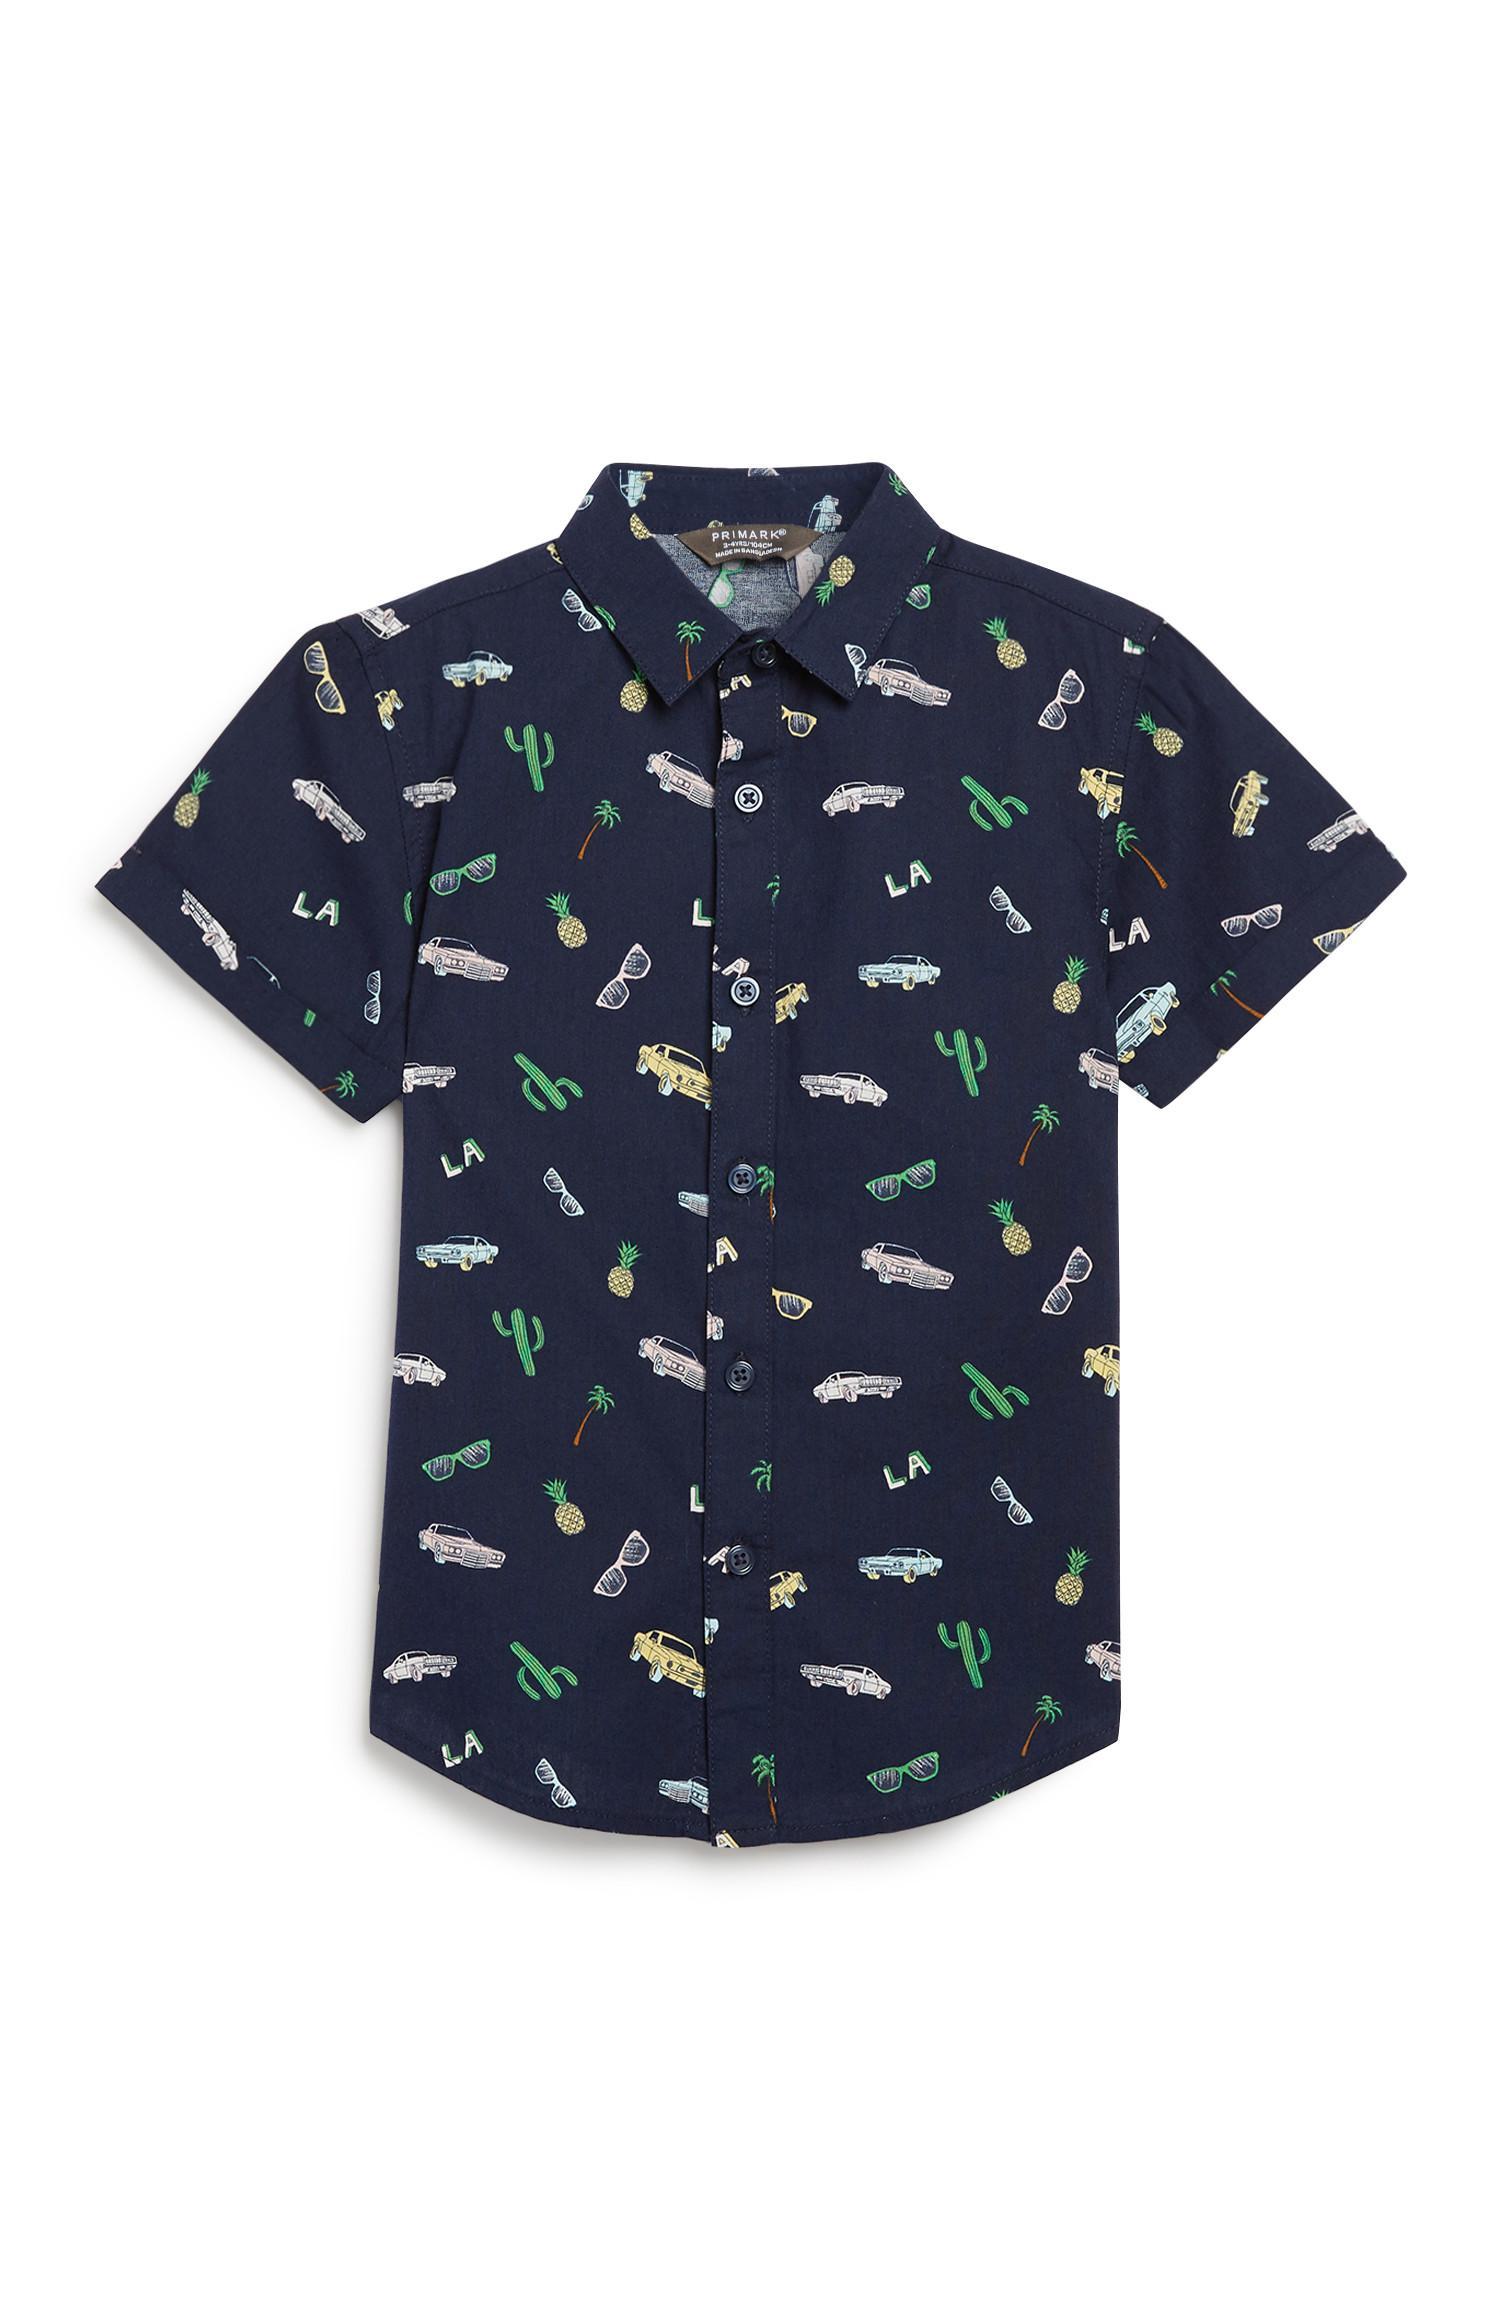 Younger Boy Summer Print Shirt